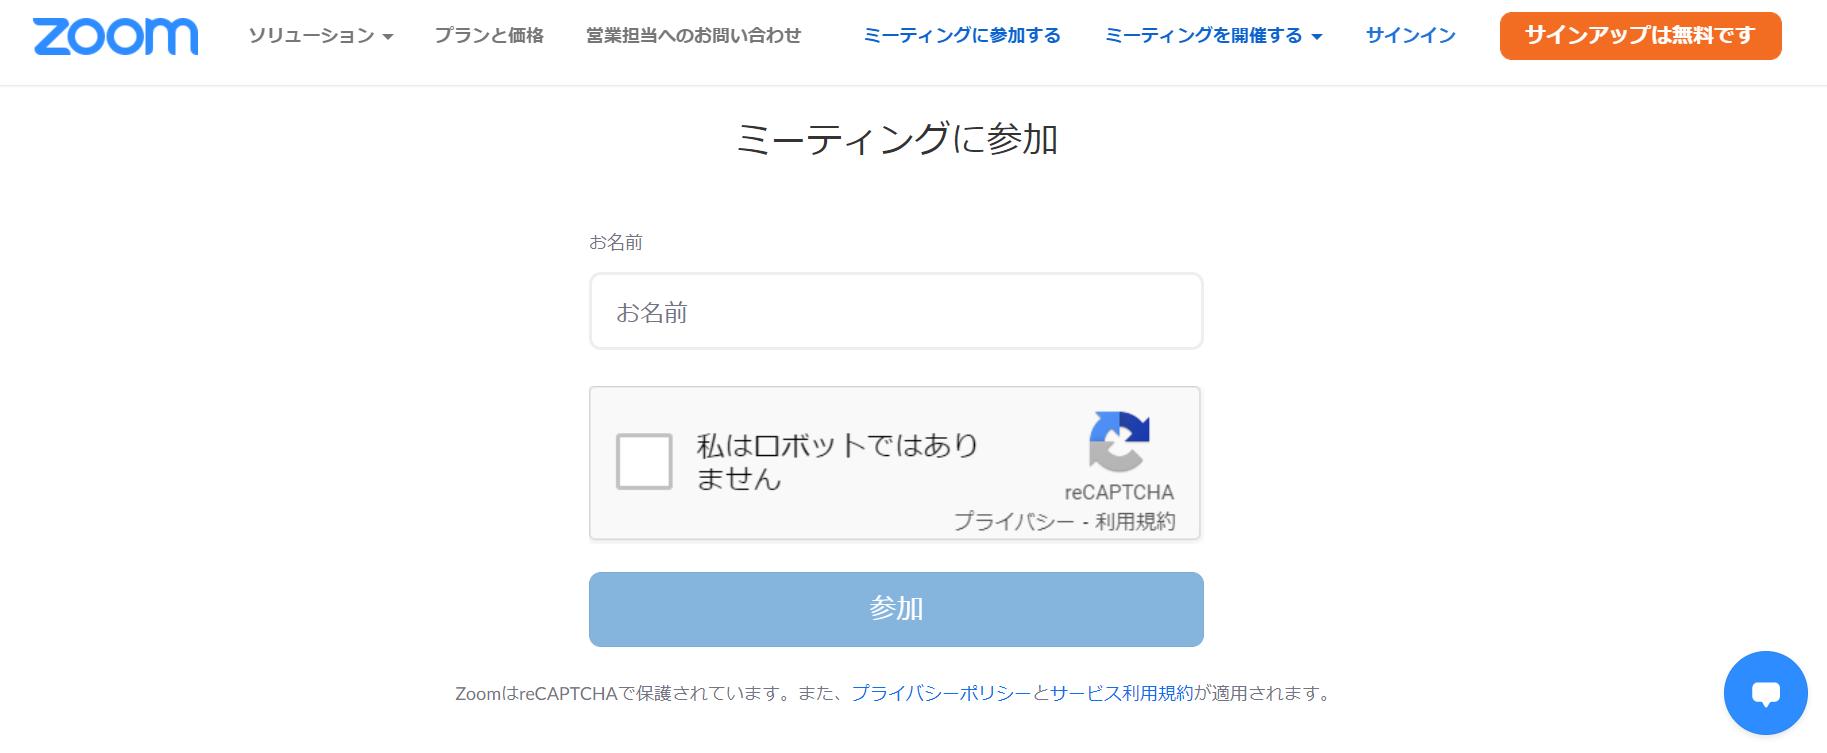 Zoomへブラウザ(Google Chromeなど)から参加する方法3